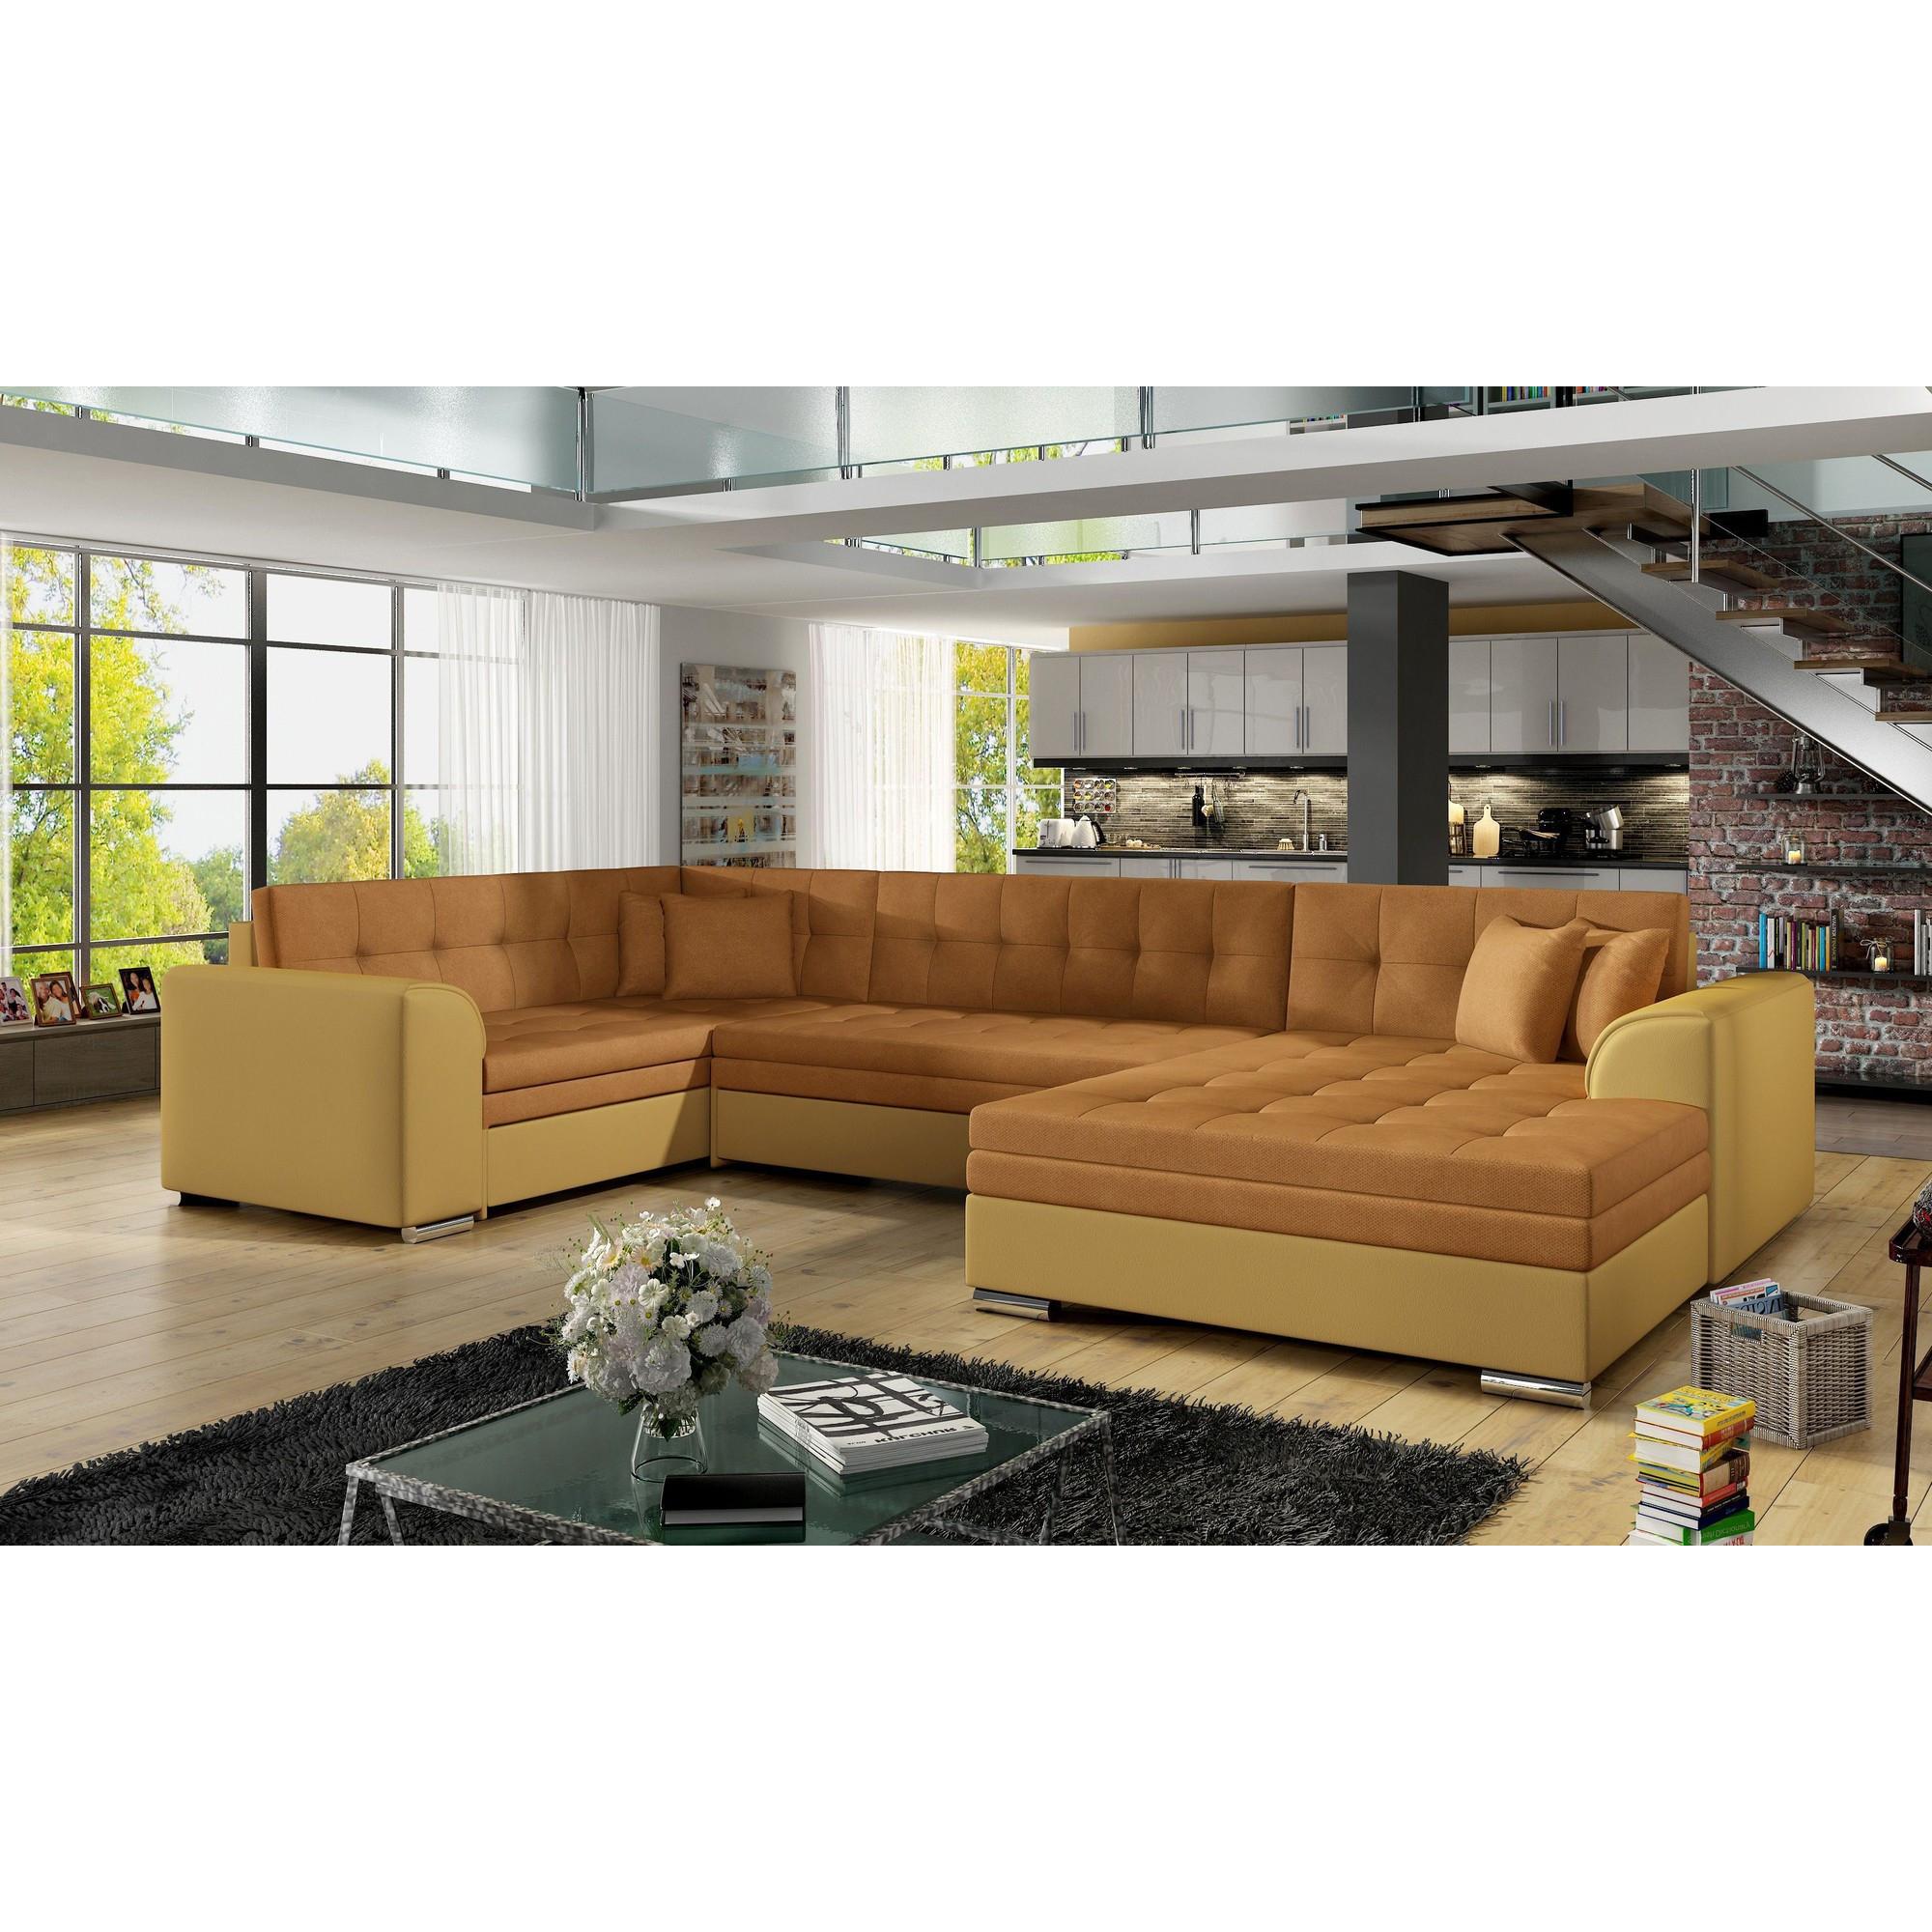 Canapé d angle convertible 6 places en tissu orange et